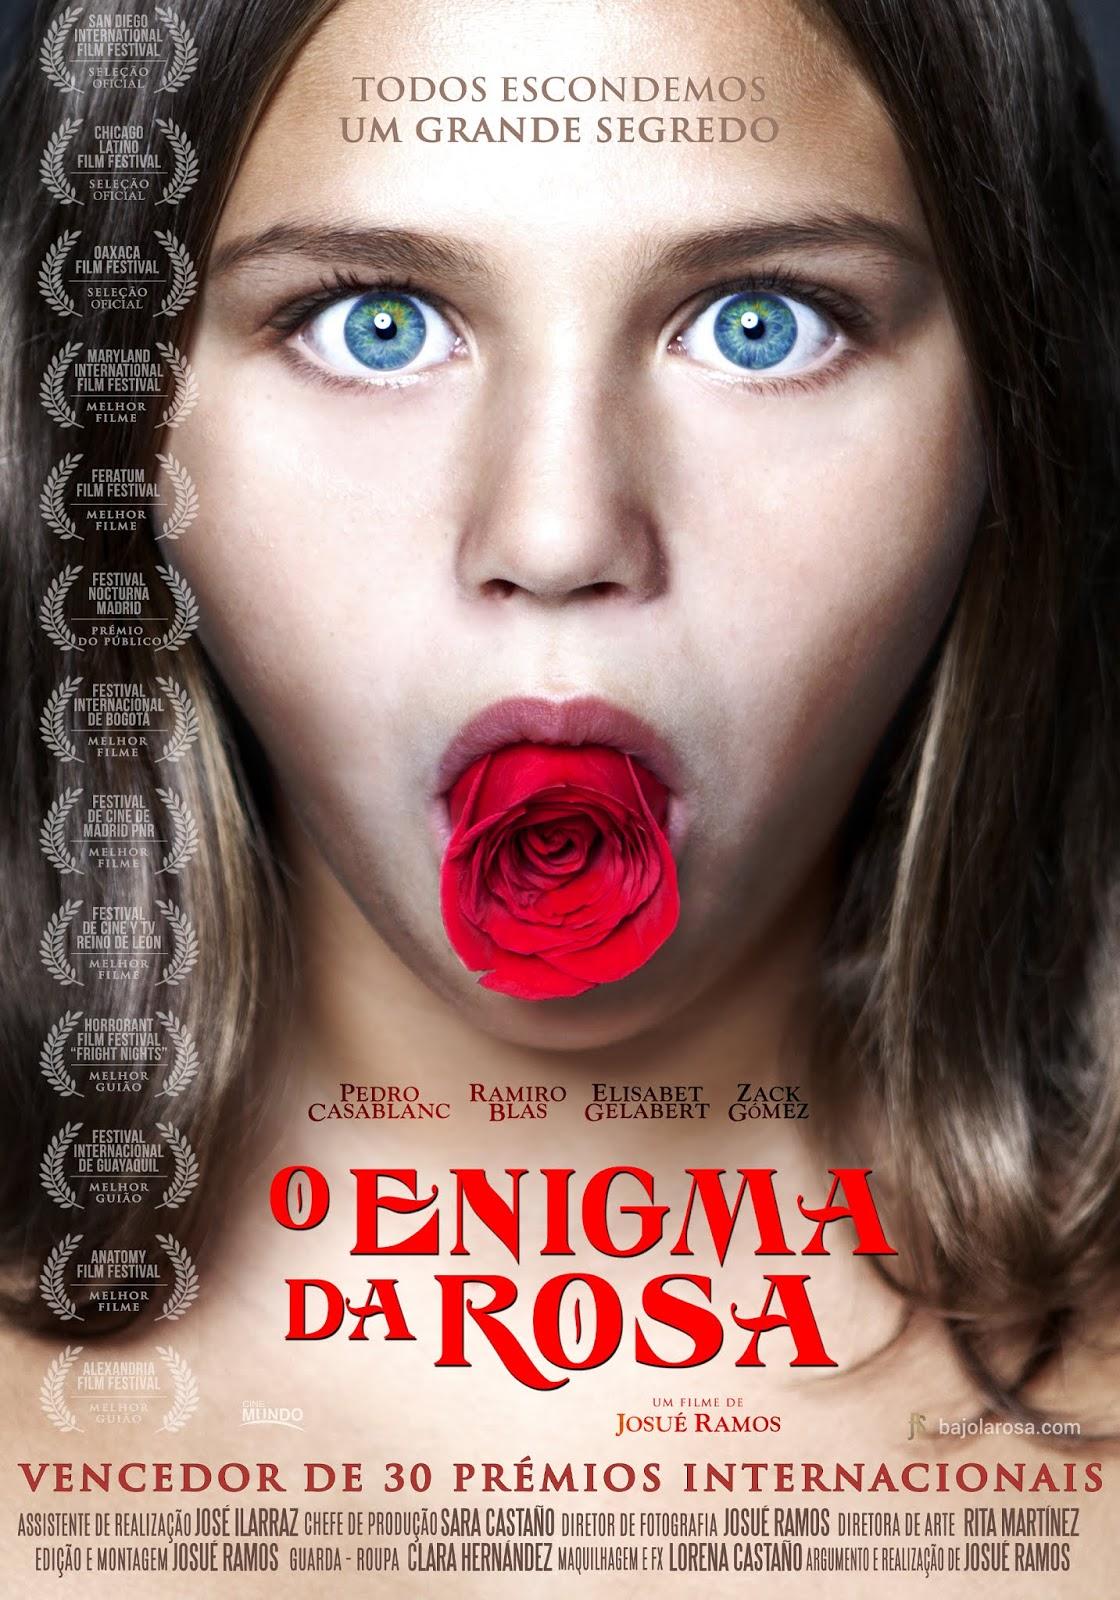 Download Filme O Enigma da Rosa Qualidade Hd